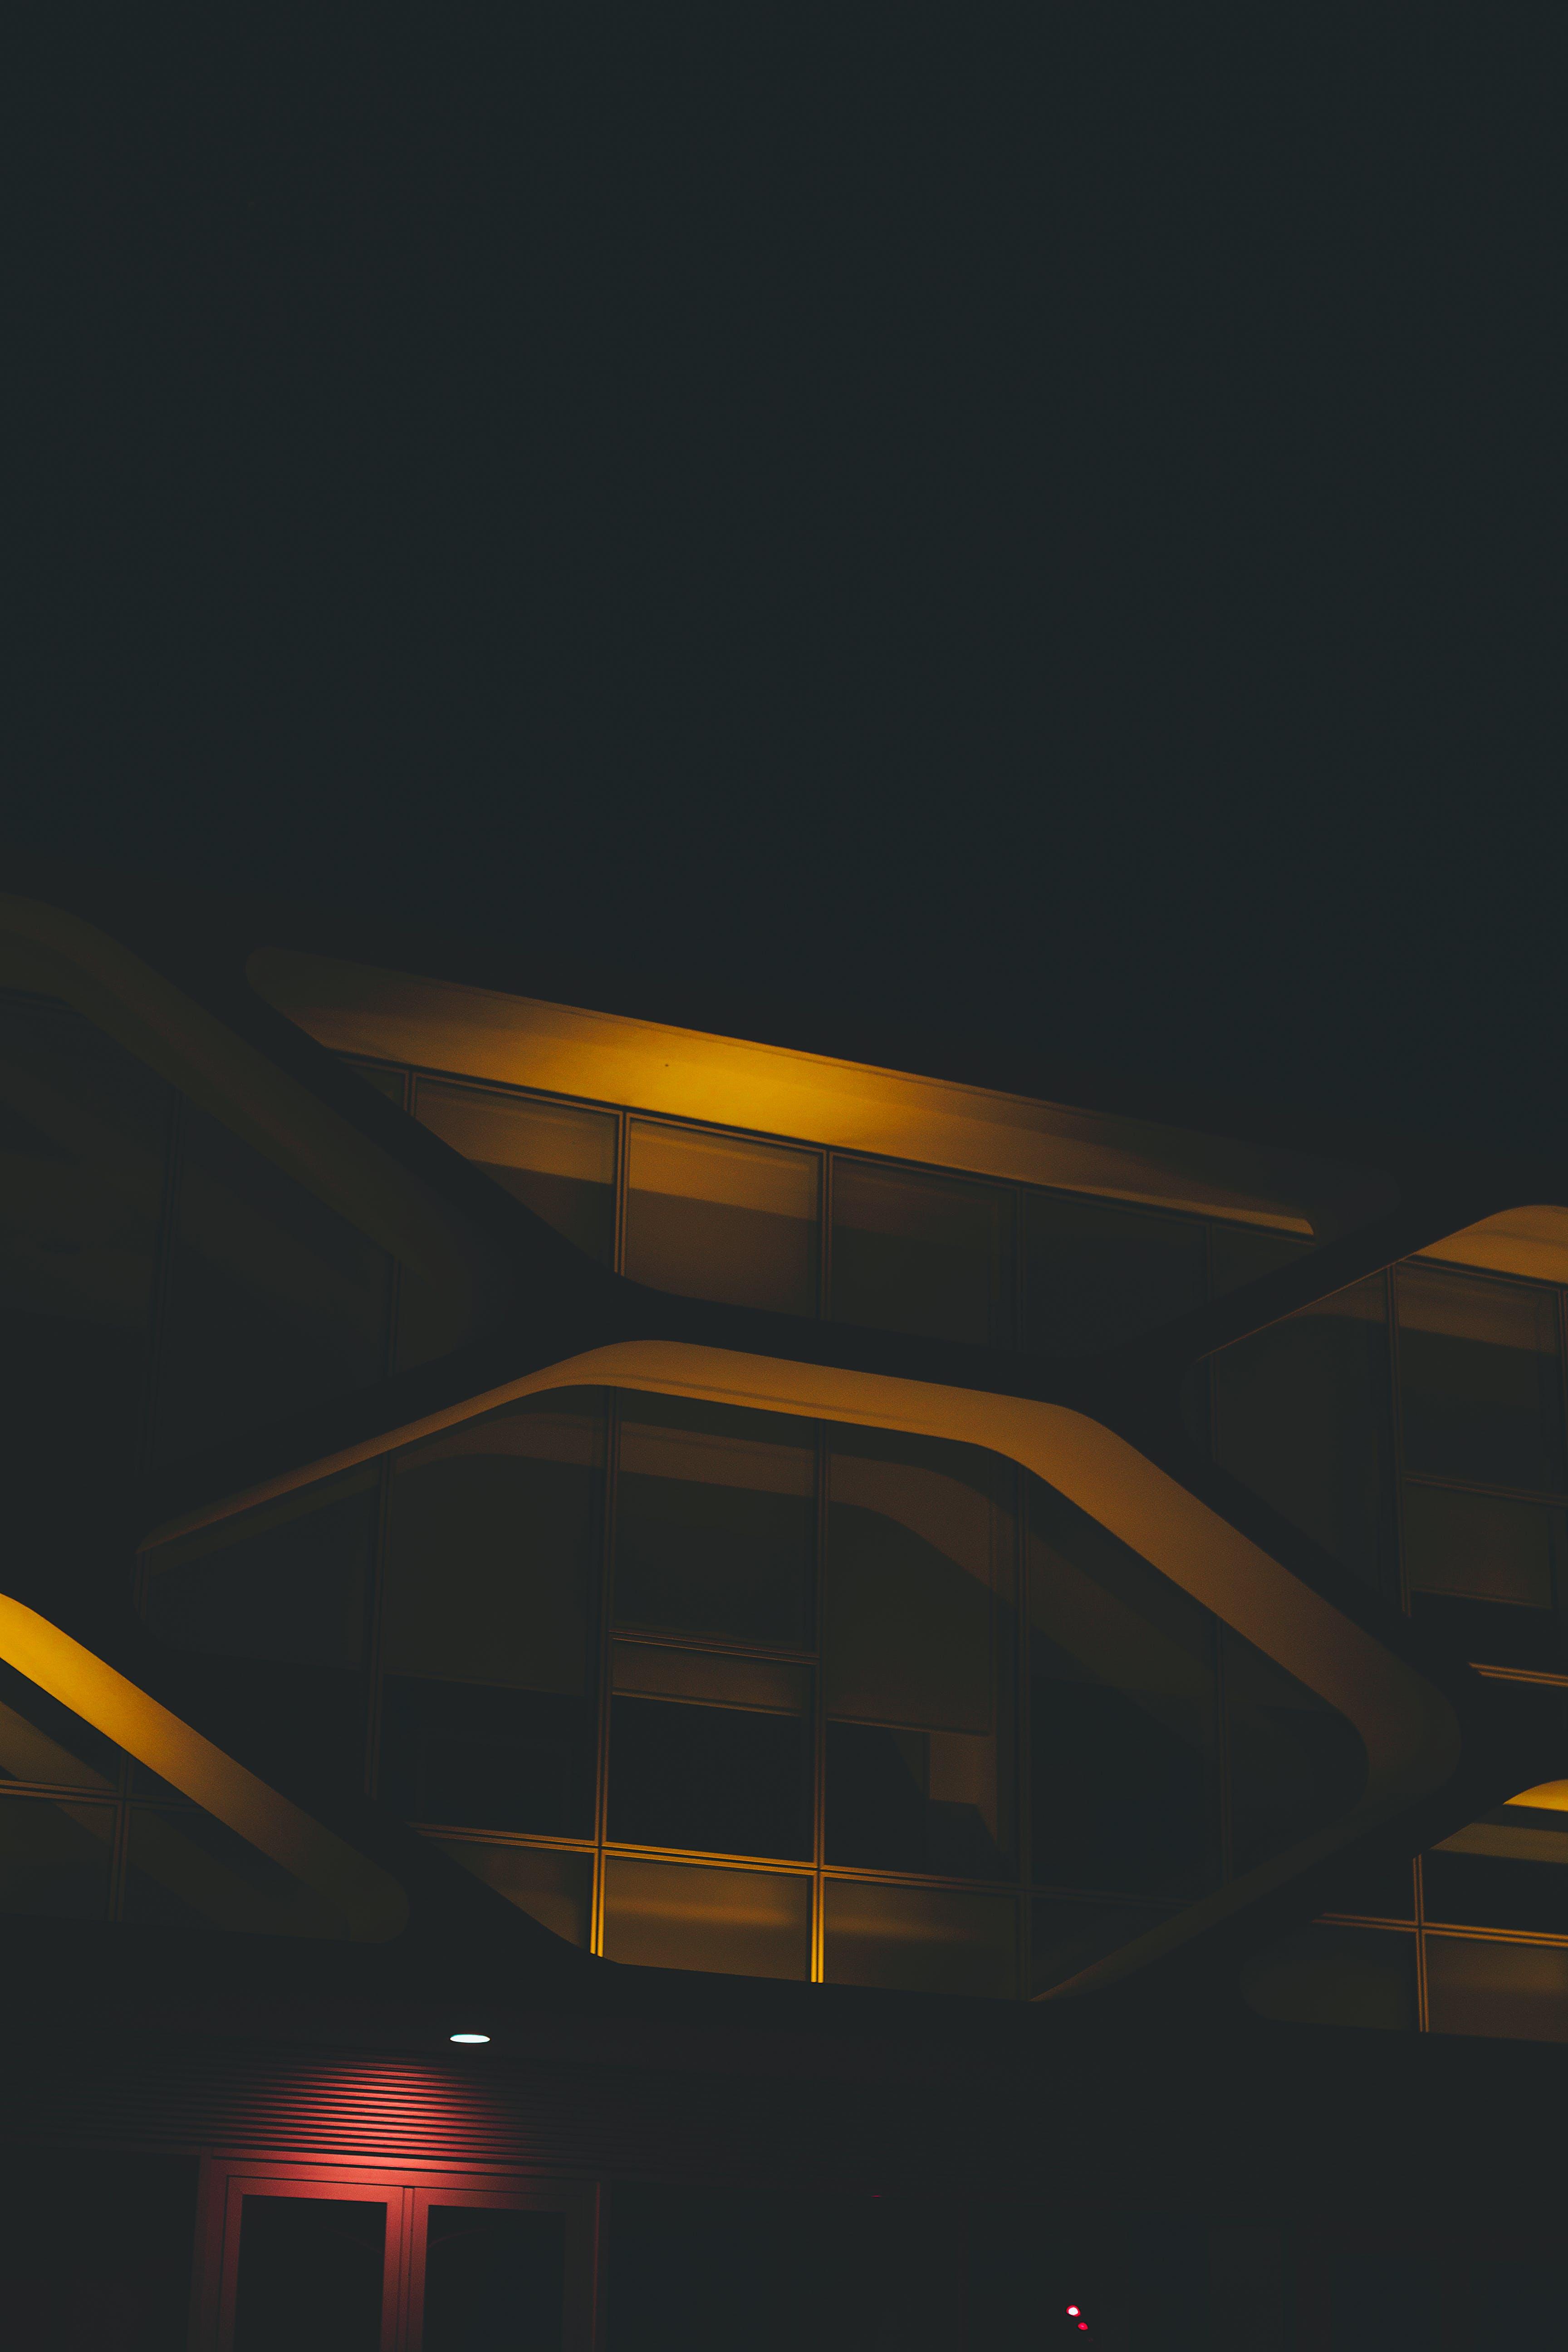 光, 外觀, 夜燈, 夜間攝影 的 免费素材照片